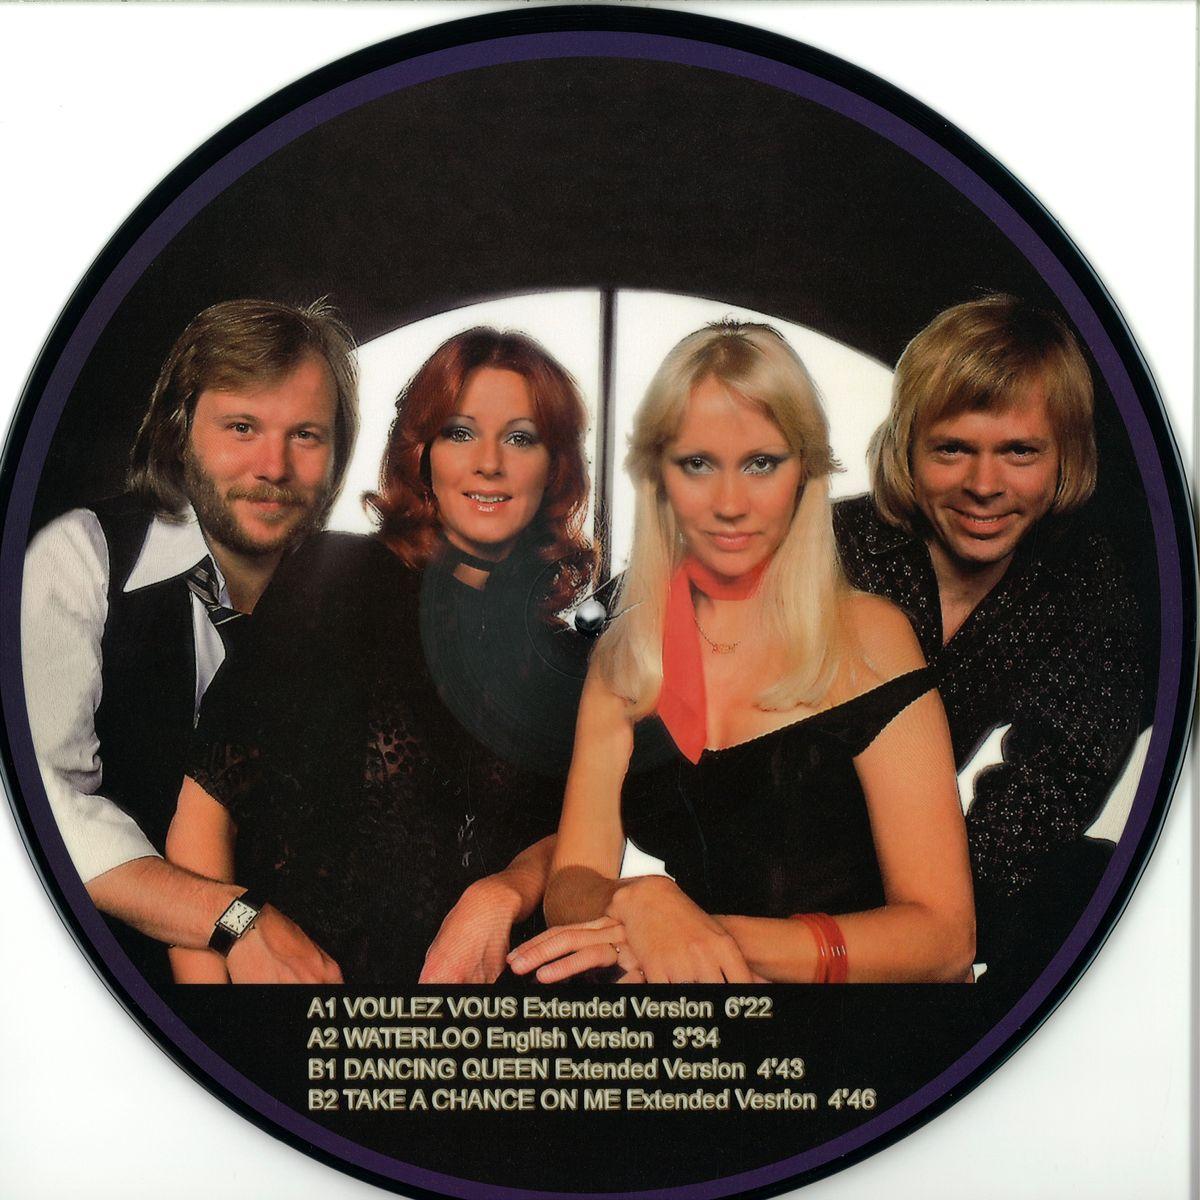 deejay de - Picture Discs